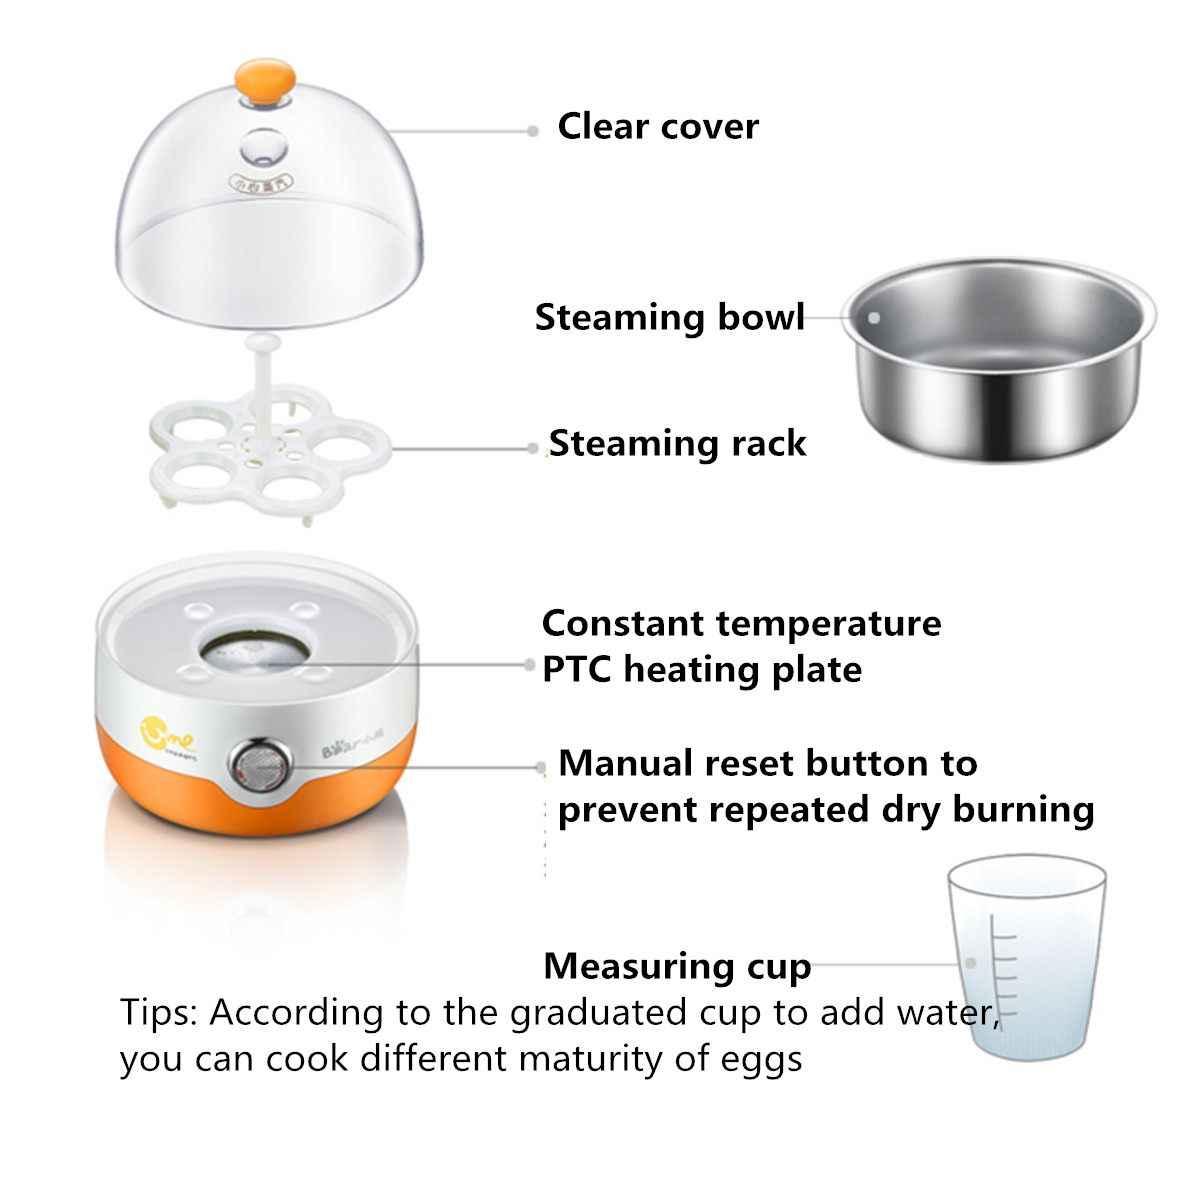 متعددة الوظائف الكهربائية 5 البيض المرجل طباخ الى Teel المقاوم للصدأ التلقائي انقطاع التيار الكهربائي البسيطة الباخرة صياد مطبخ الطبخ أداة 220 v